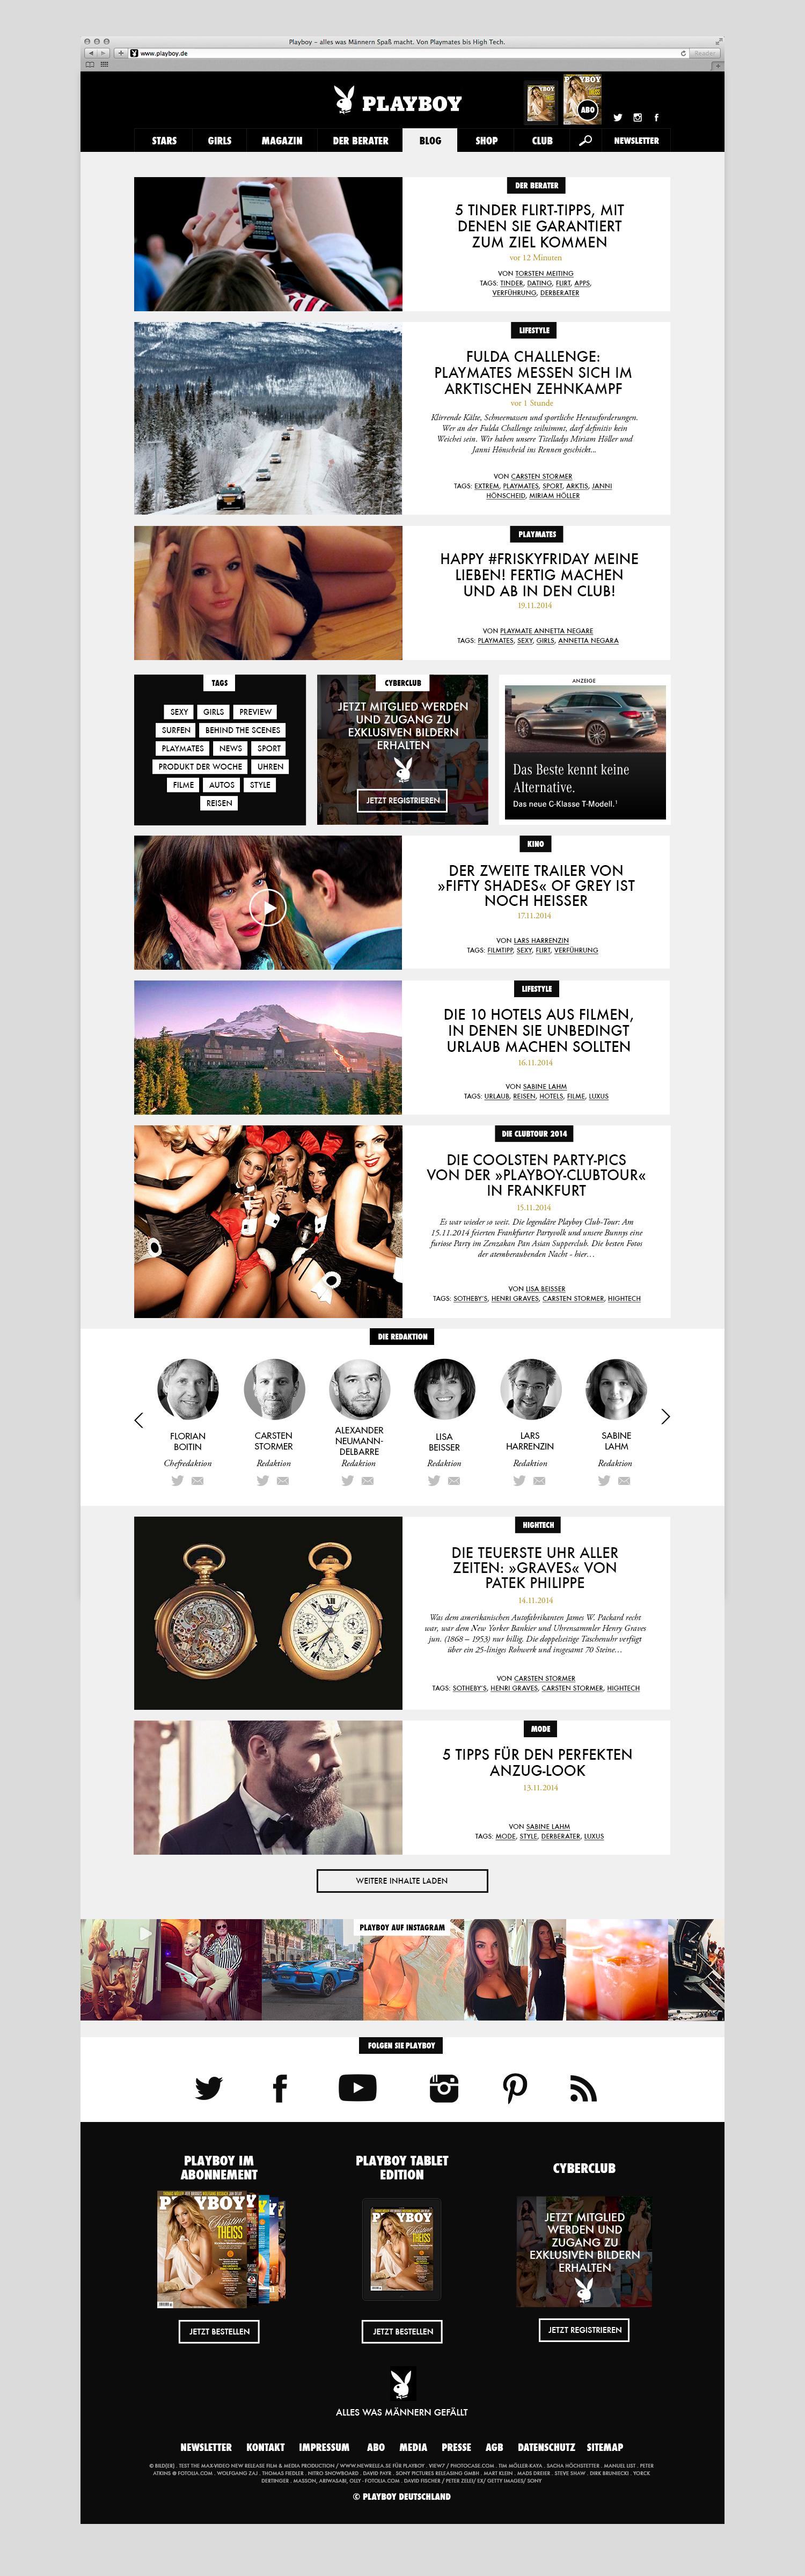 Playboy_Desktop_Blog_Portfolio